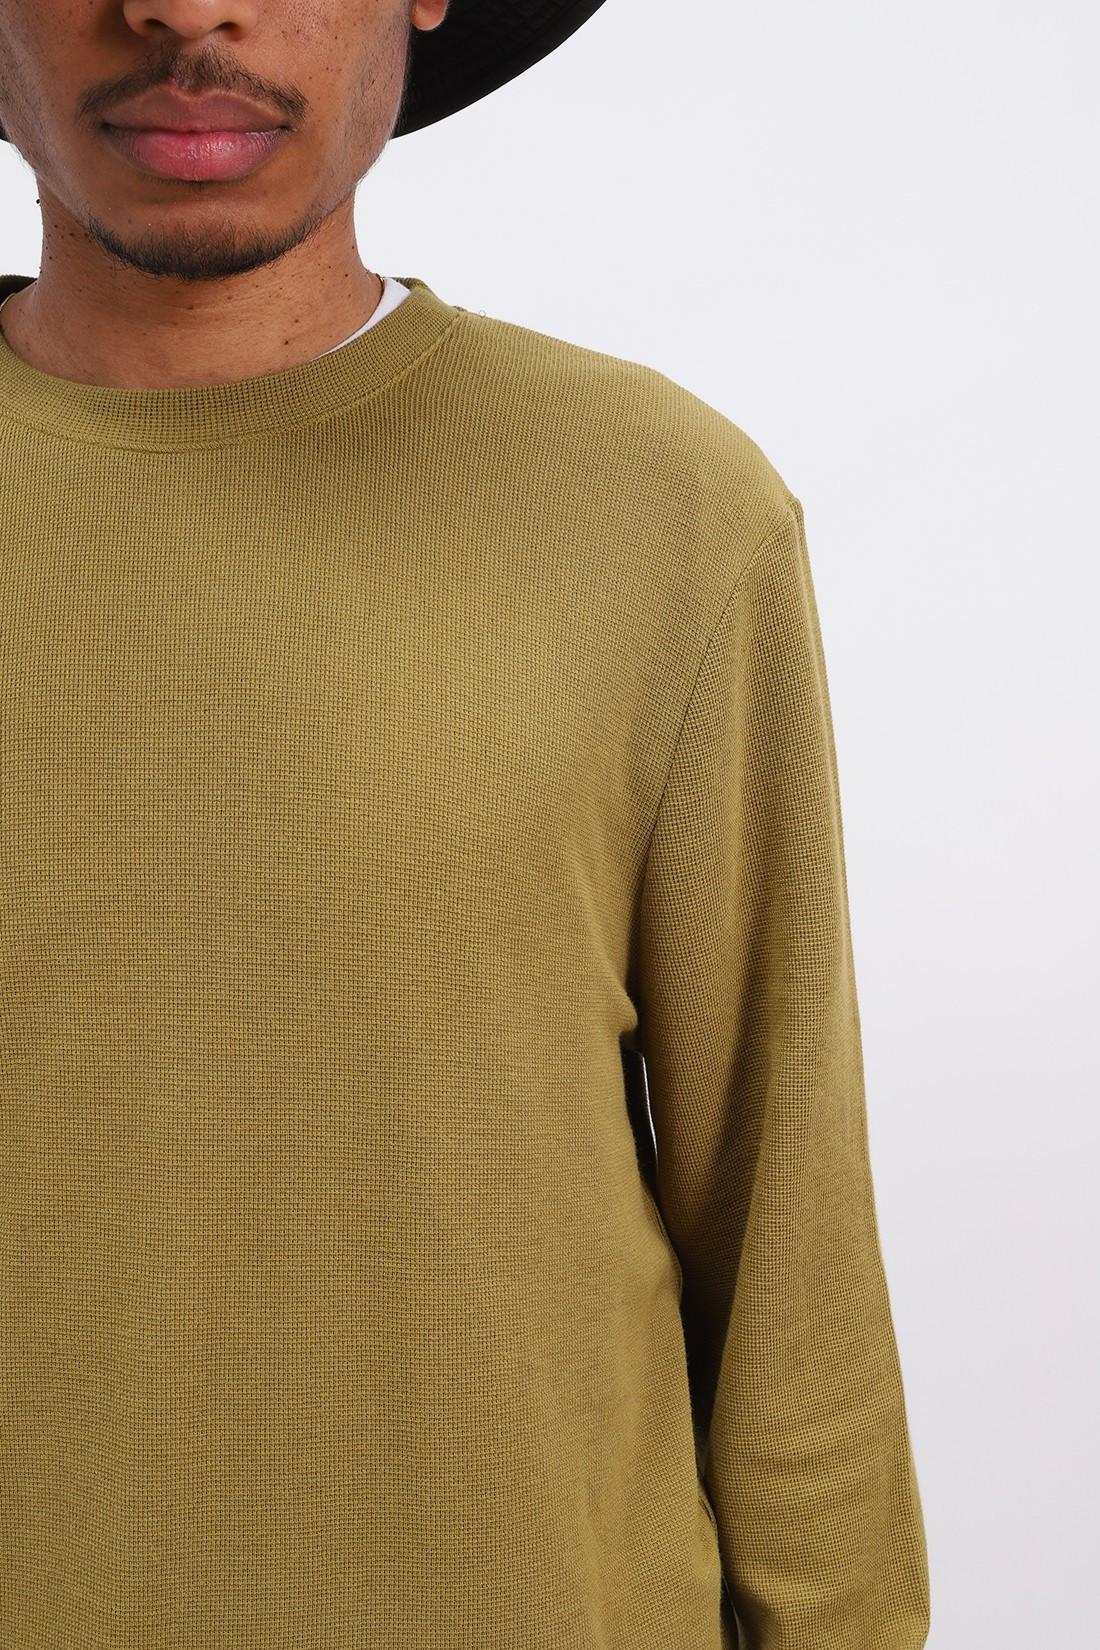 NN07 / Clive 3323 Olive green 339